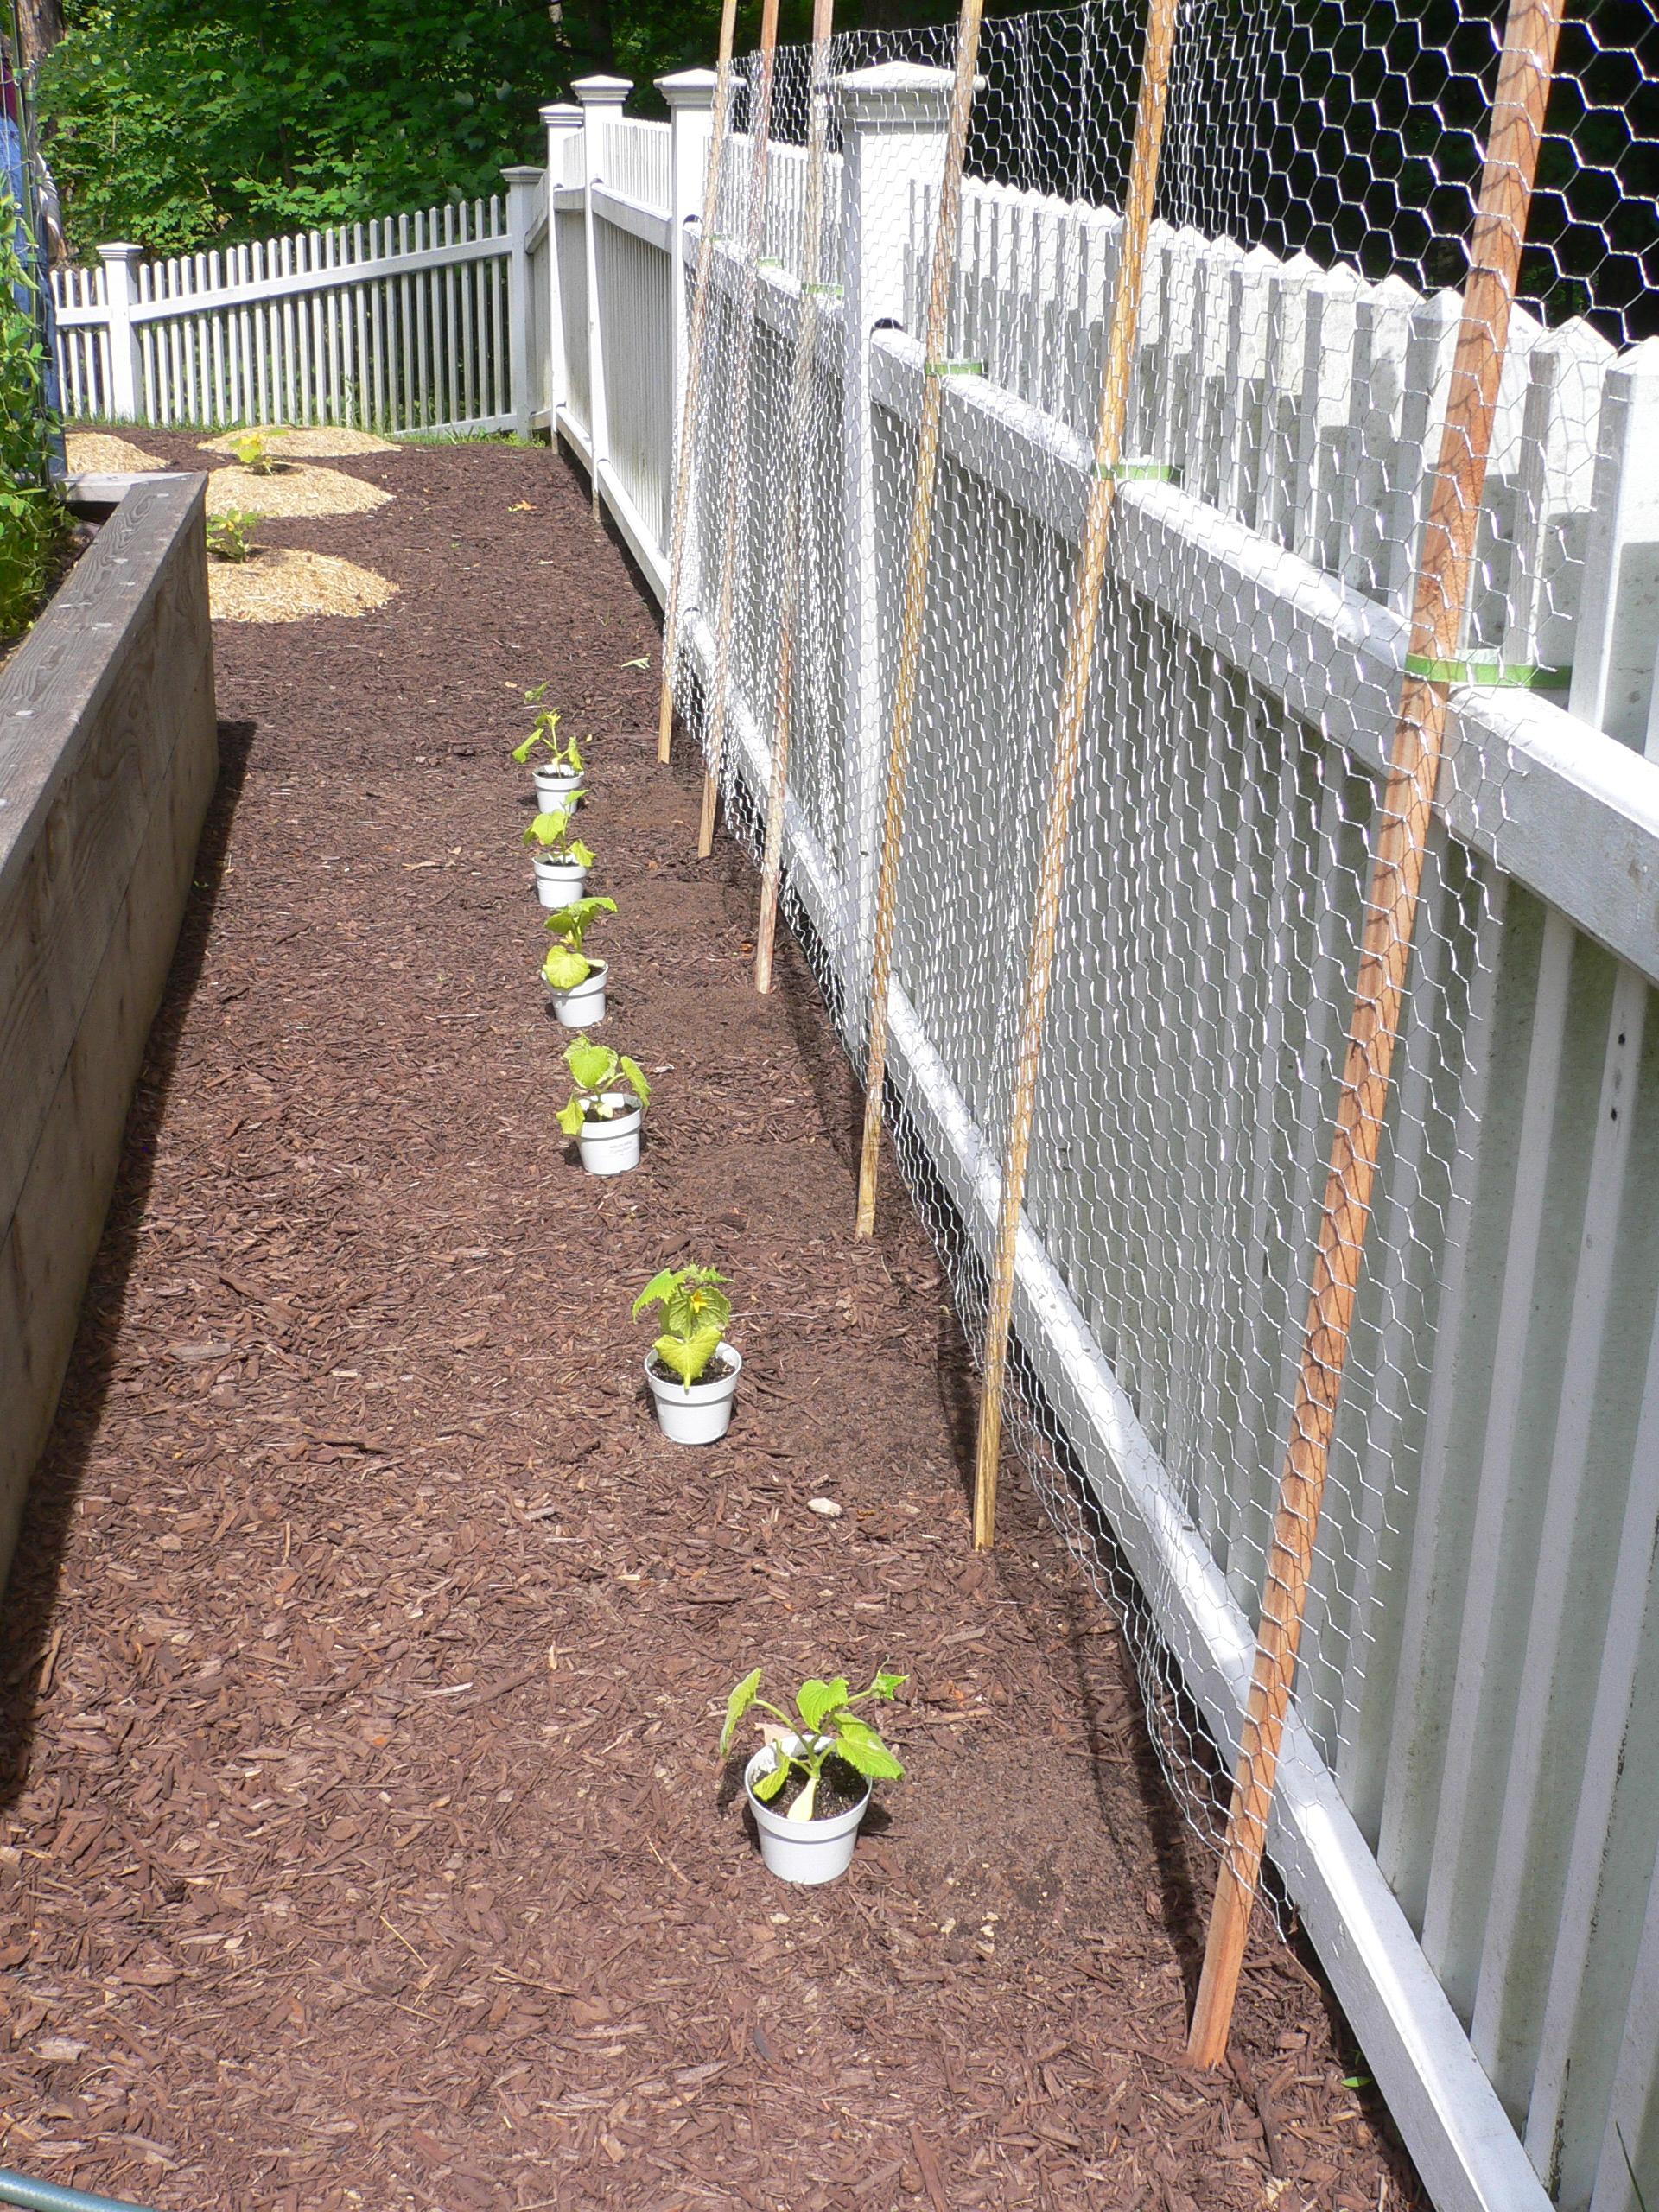 Watering Cans Garden Engineer